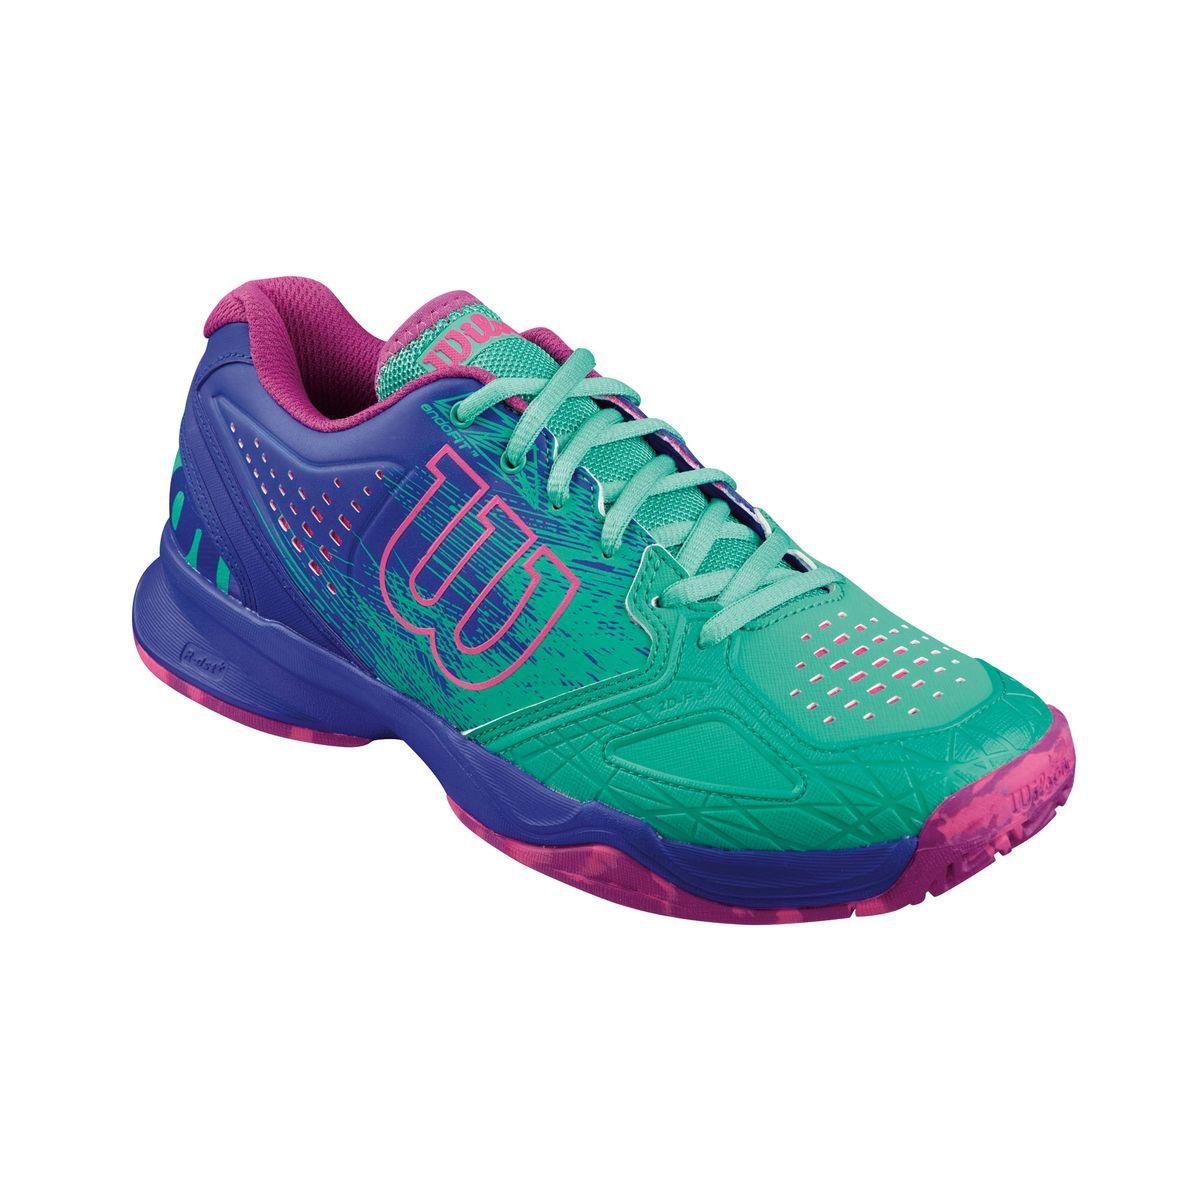 Кроссовки для тенниса жен. KAOS COMP. WRS321250WRS321250Продукт года. Серия KAOS - это стильный дизайн. Легкий вес. Обеспечение комфорта на самых быстрых скоростях в современном теннисе.